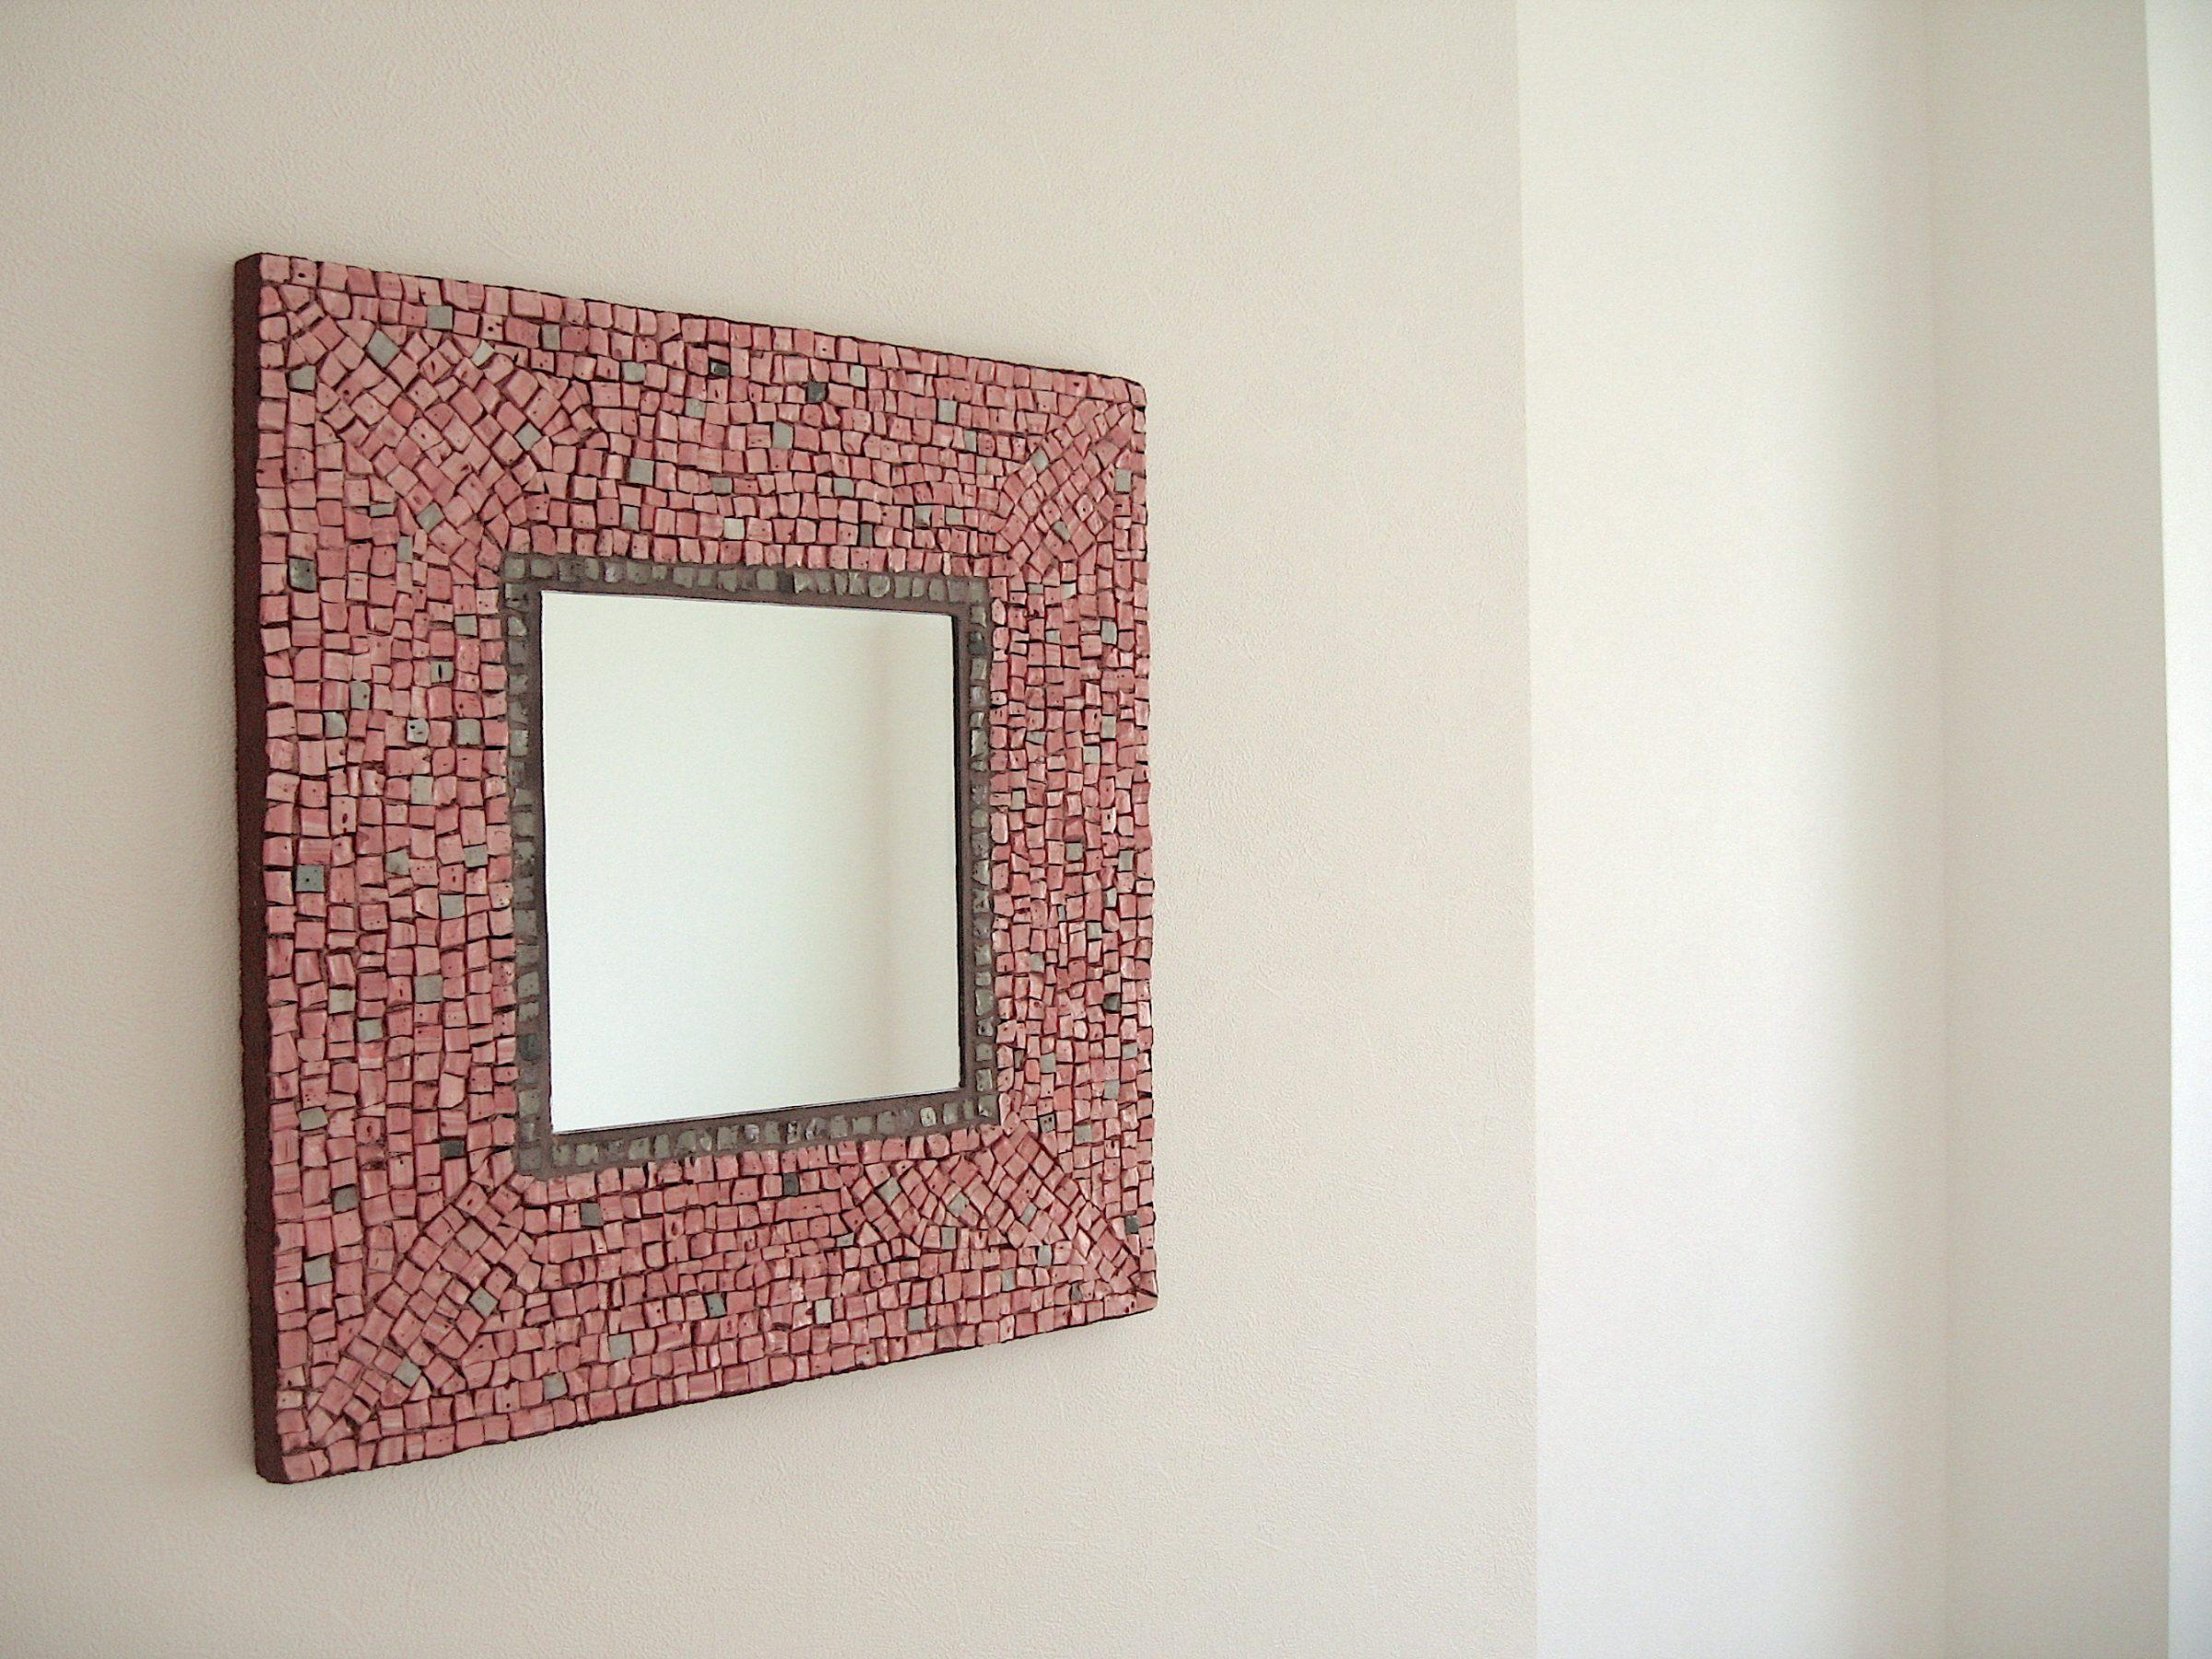 壁を飾るDECOミラー モザイクアート 制作 岡田七歩美